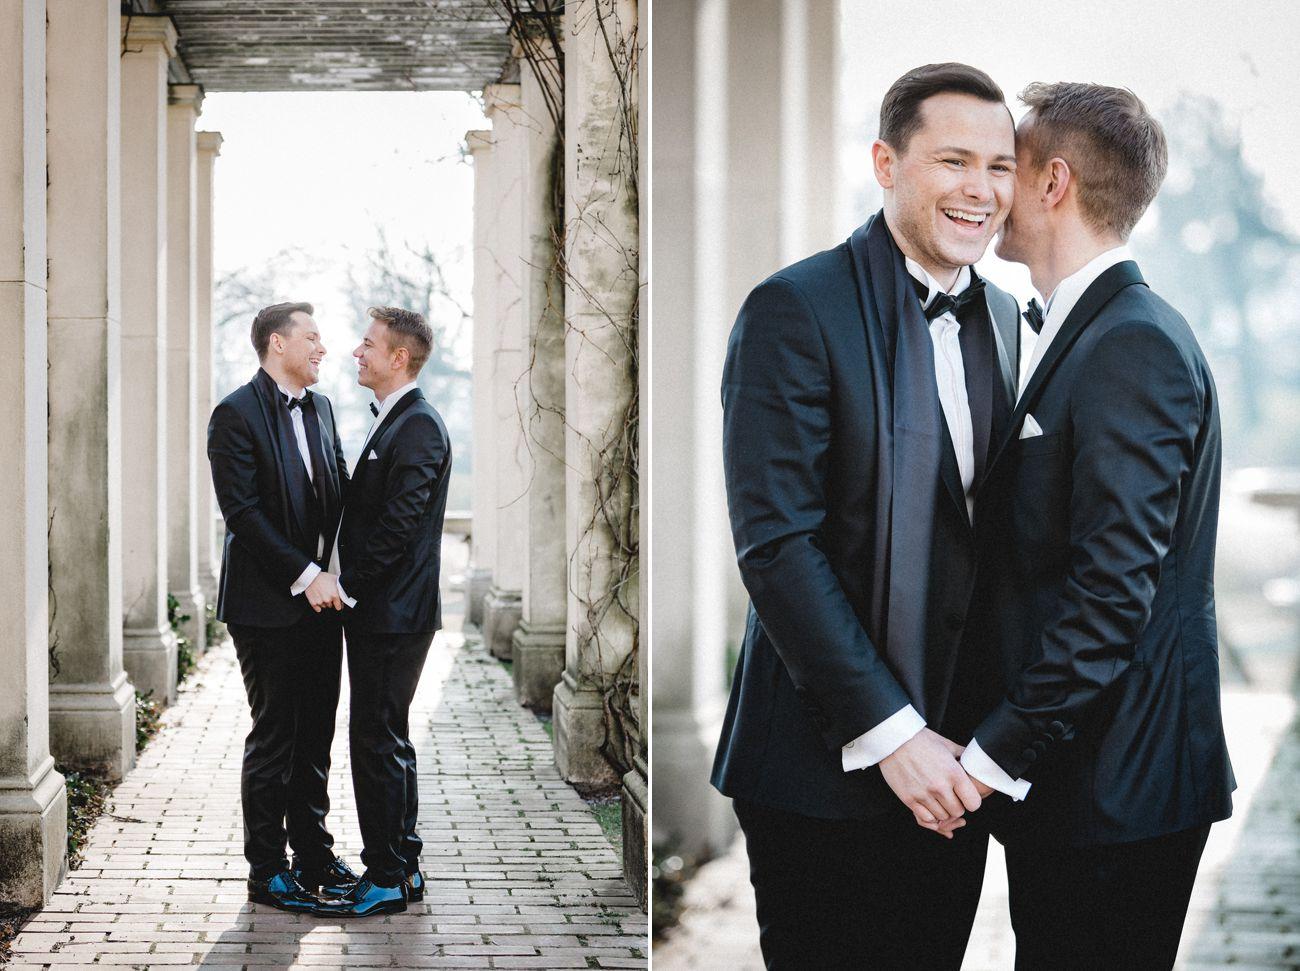 Hochzeitsfotograf_Schloss_Glienicke 37